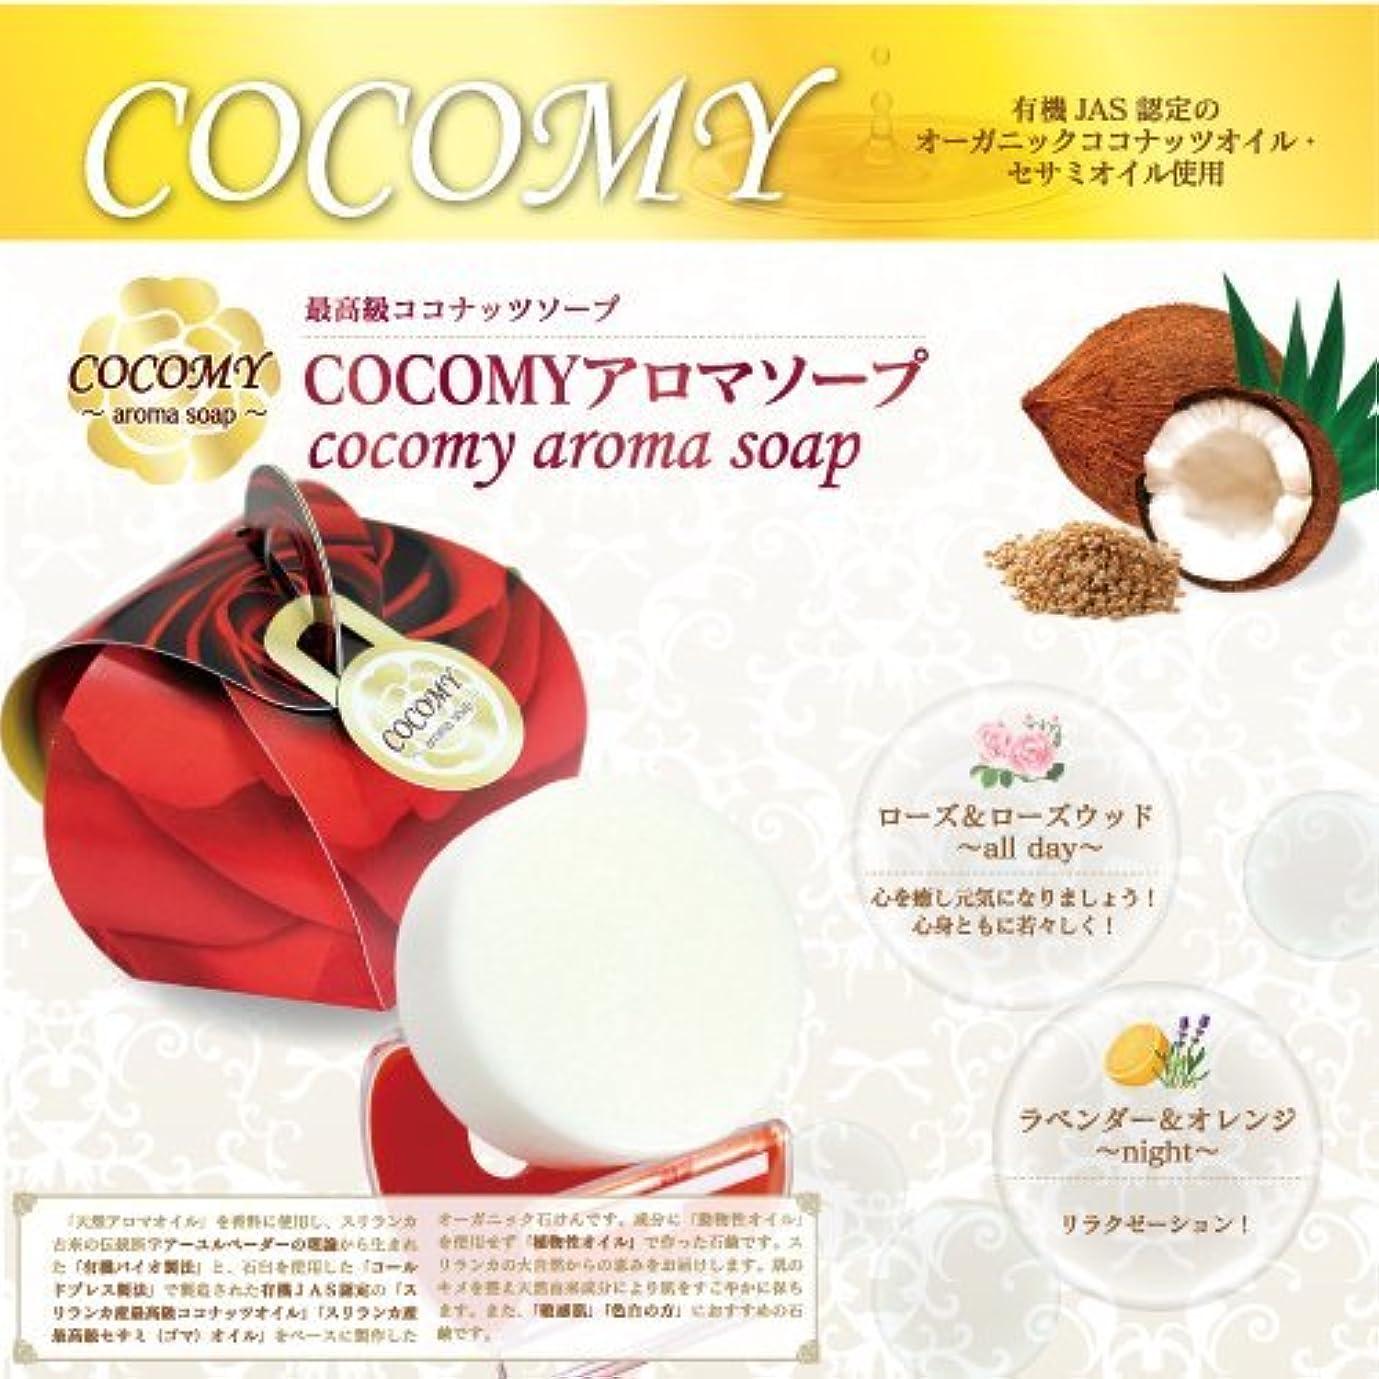 顕微鏡西部潤滑するCOCOMY aromaソープ 4個セット (ラベンダー&オレンジ)(ローズ&ローズウッド) 40g×各2